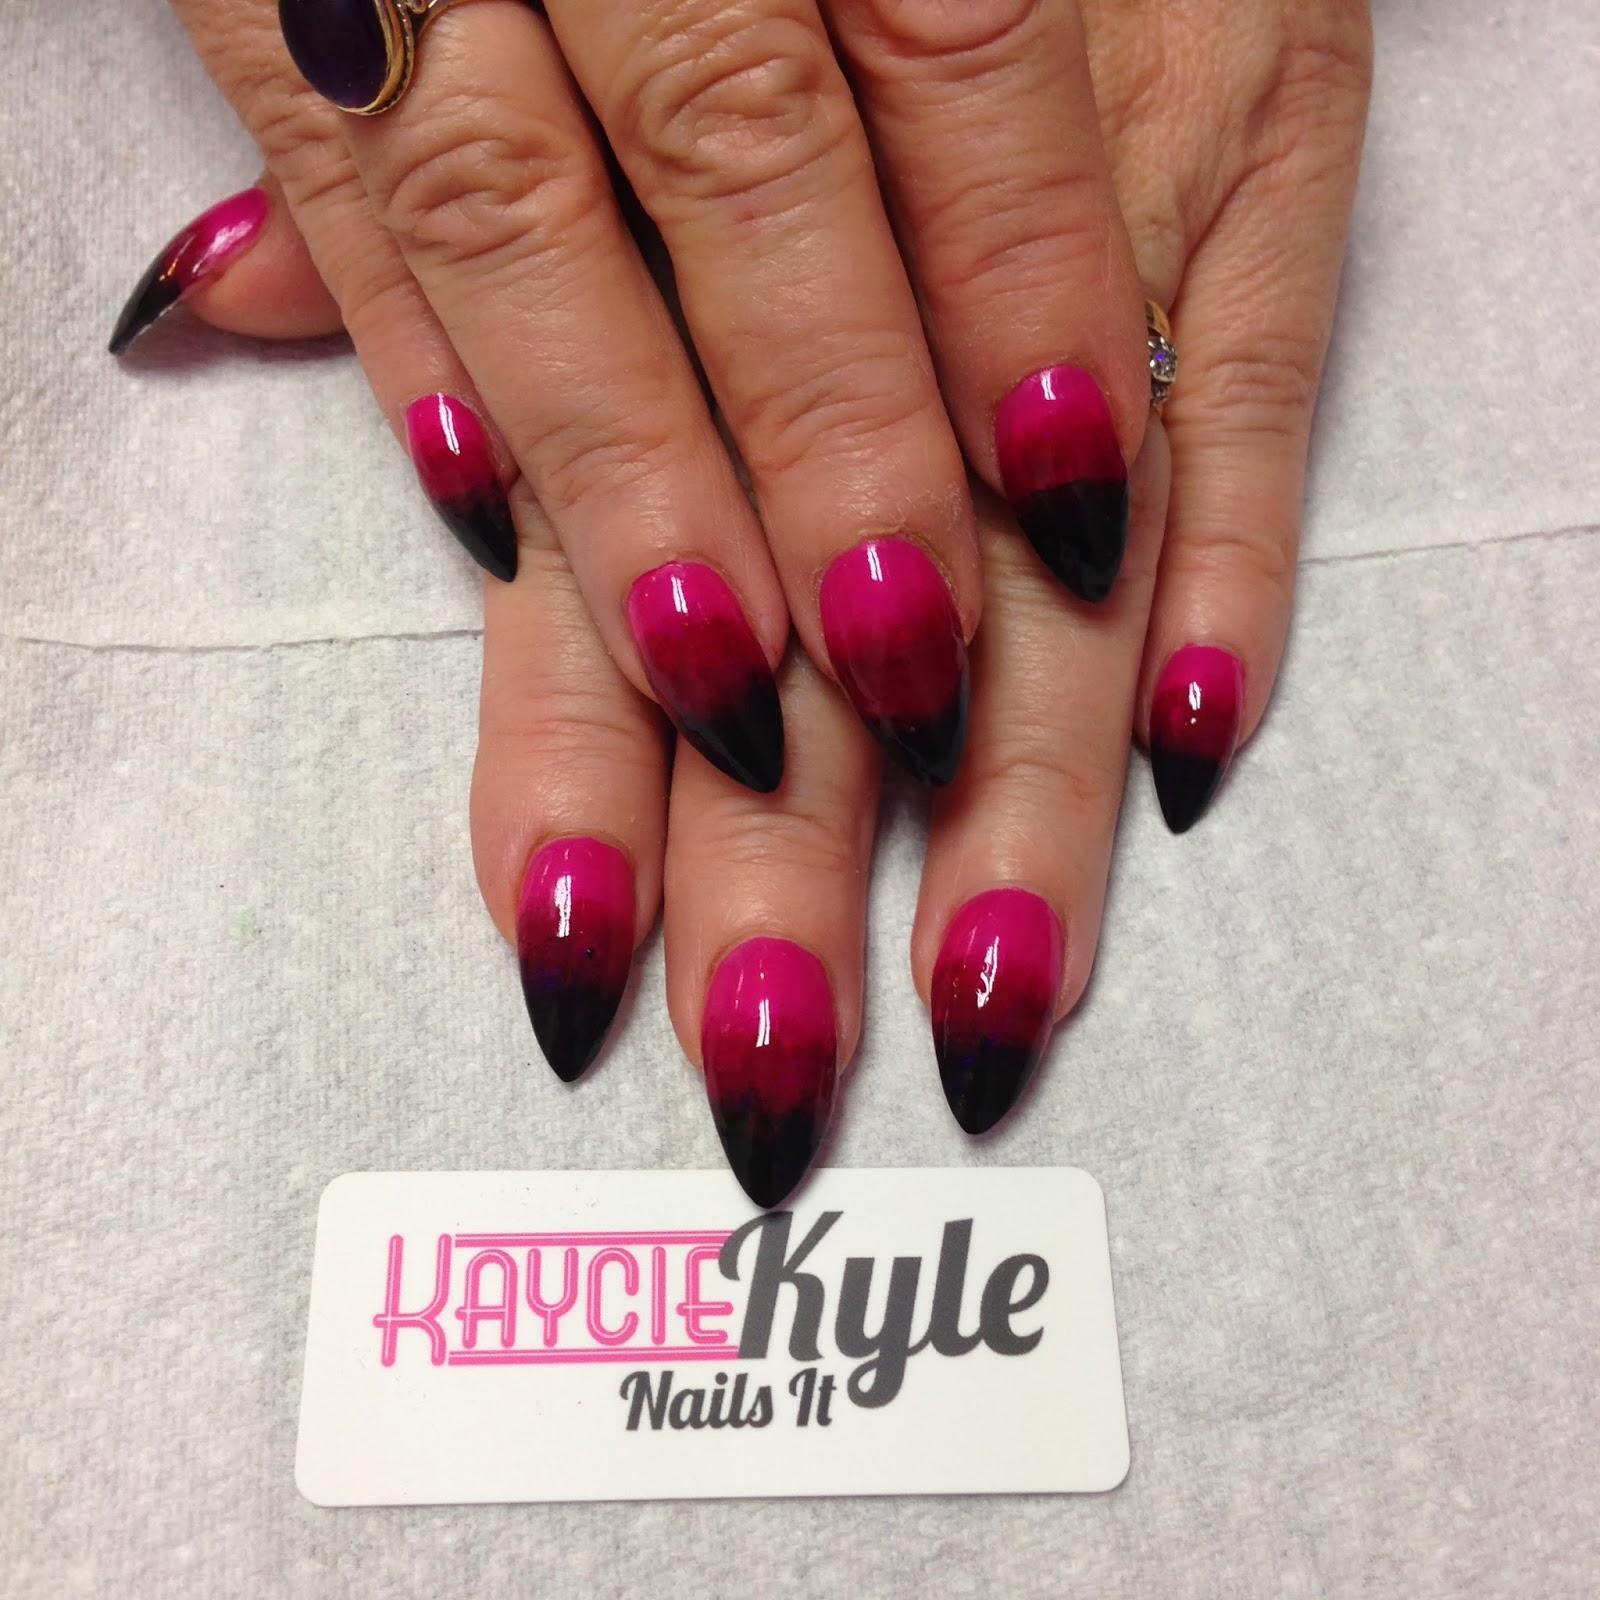 Octobers Best Nails | Kaycie Kyle